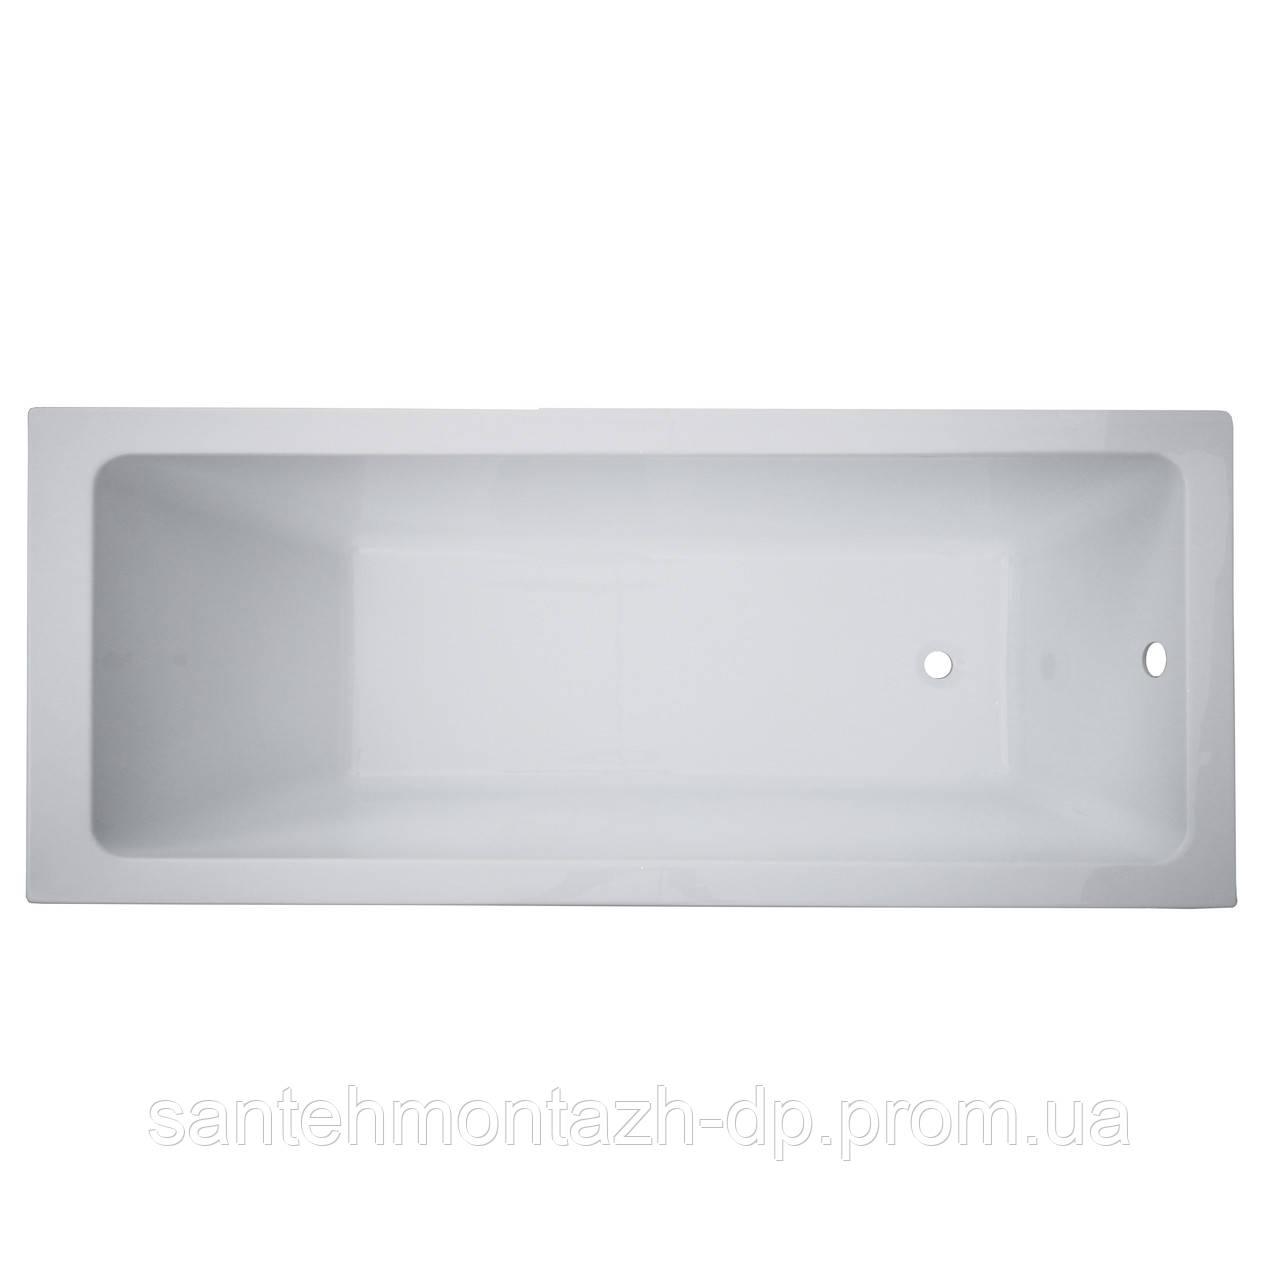 LIBRA ванна 150*70*45,8 см без ніжок, акрил 5мм